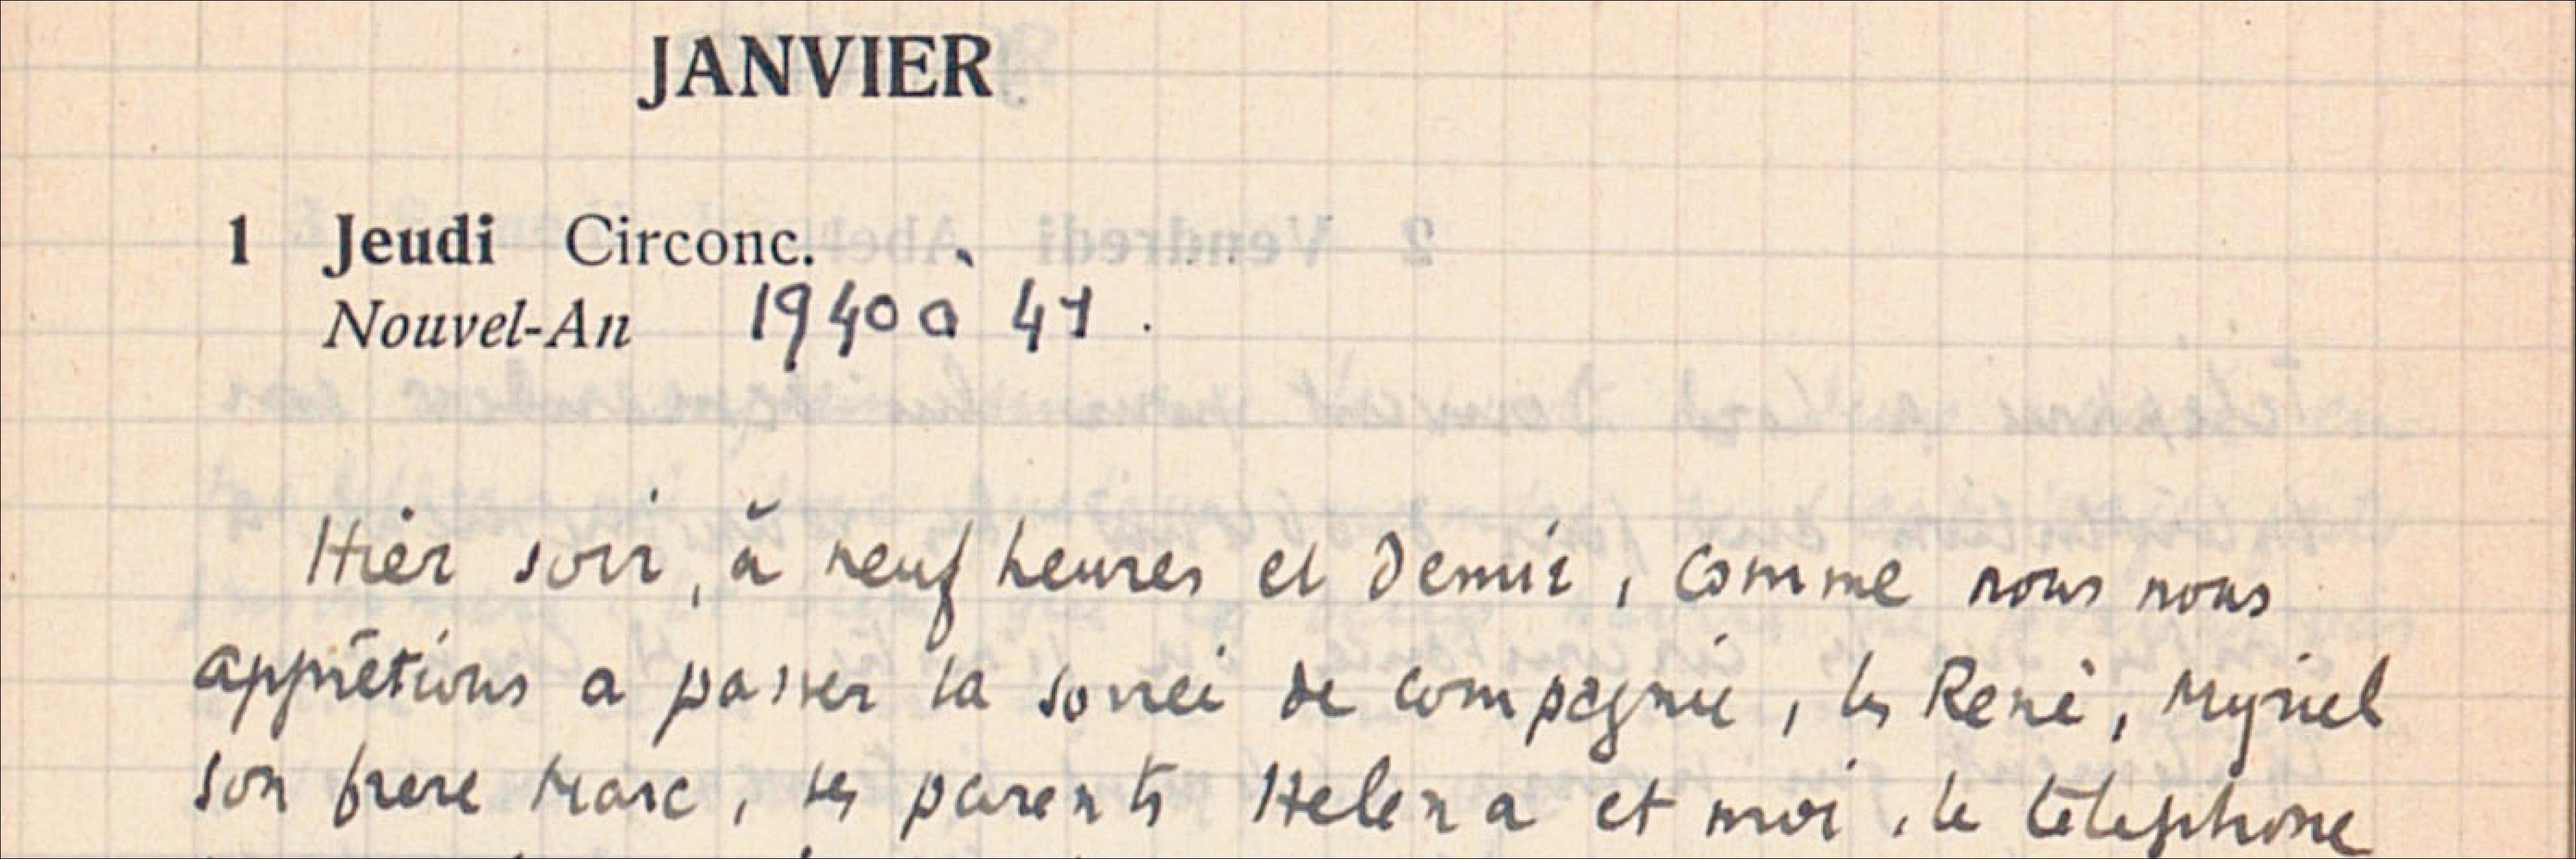 Carnets d'un voyageur traqué (1942-1944)